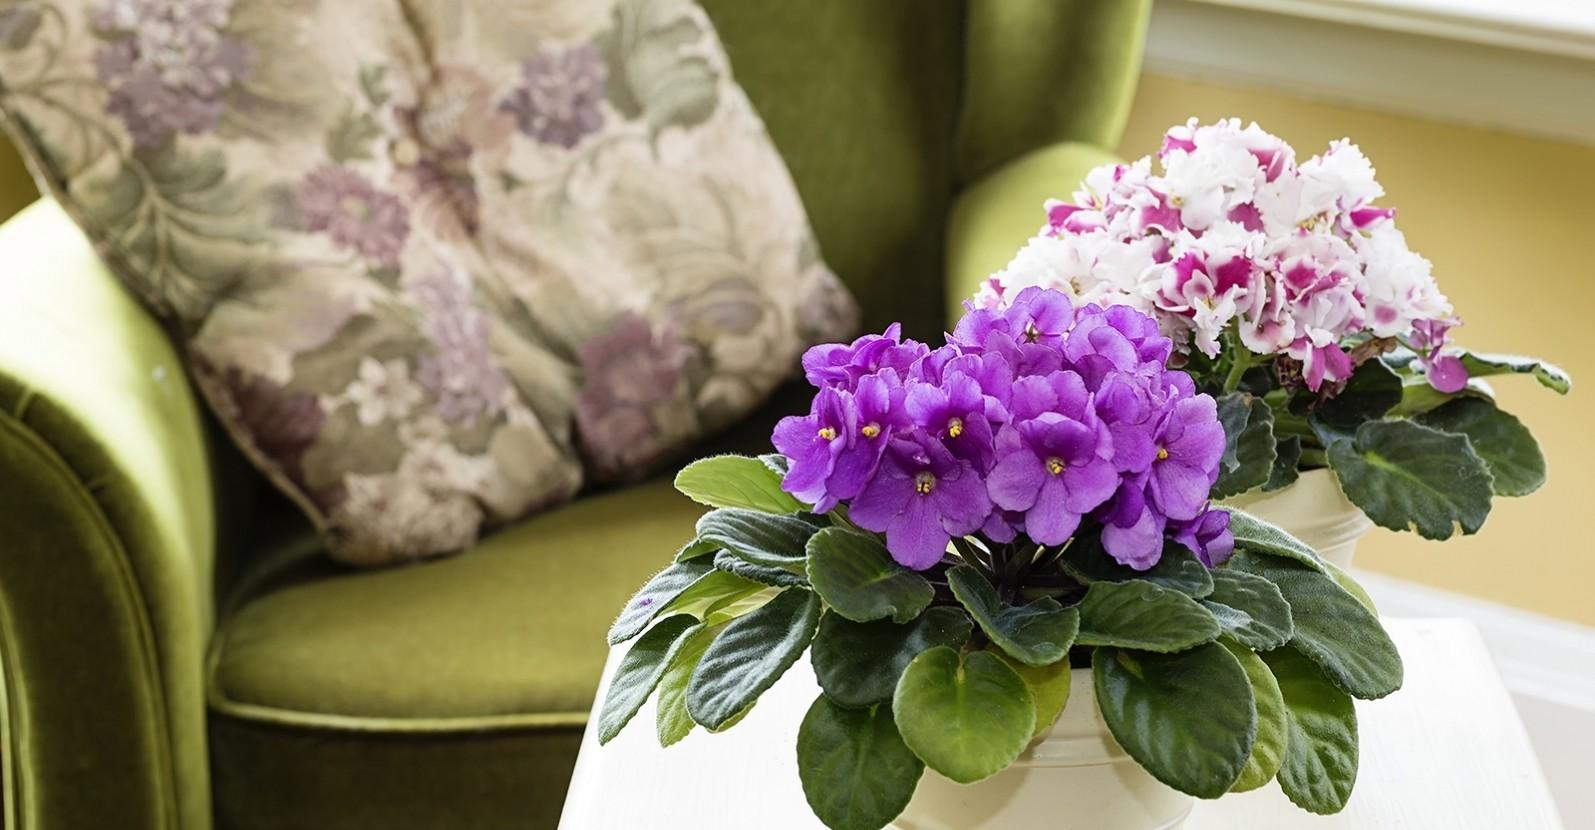 цветы стоят возле кресла